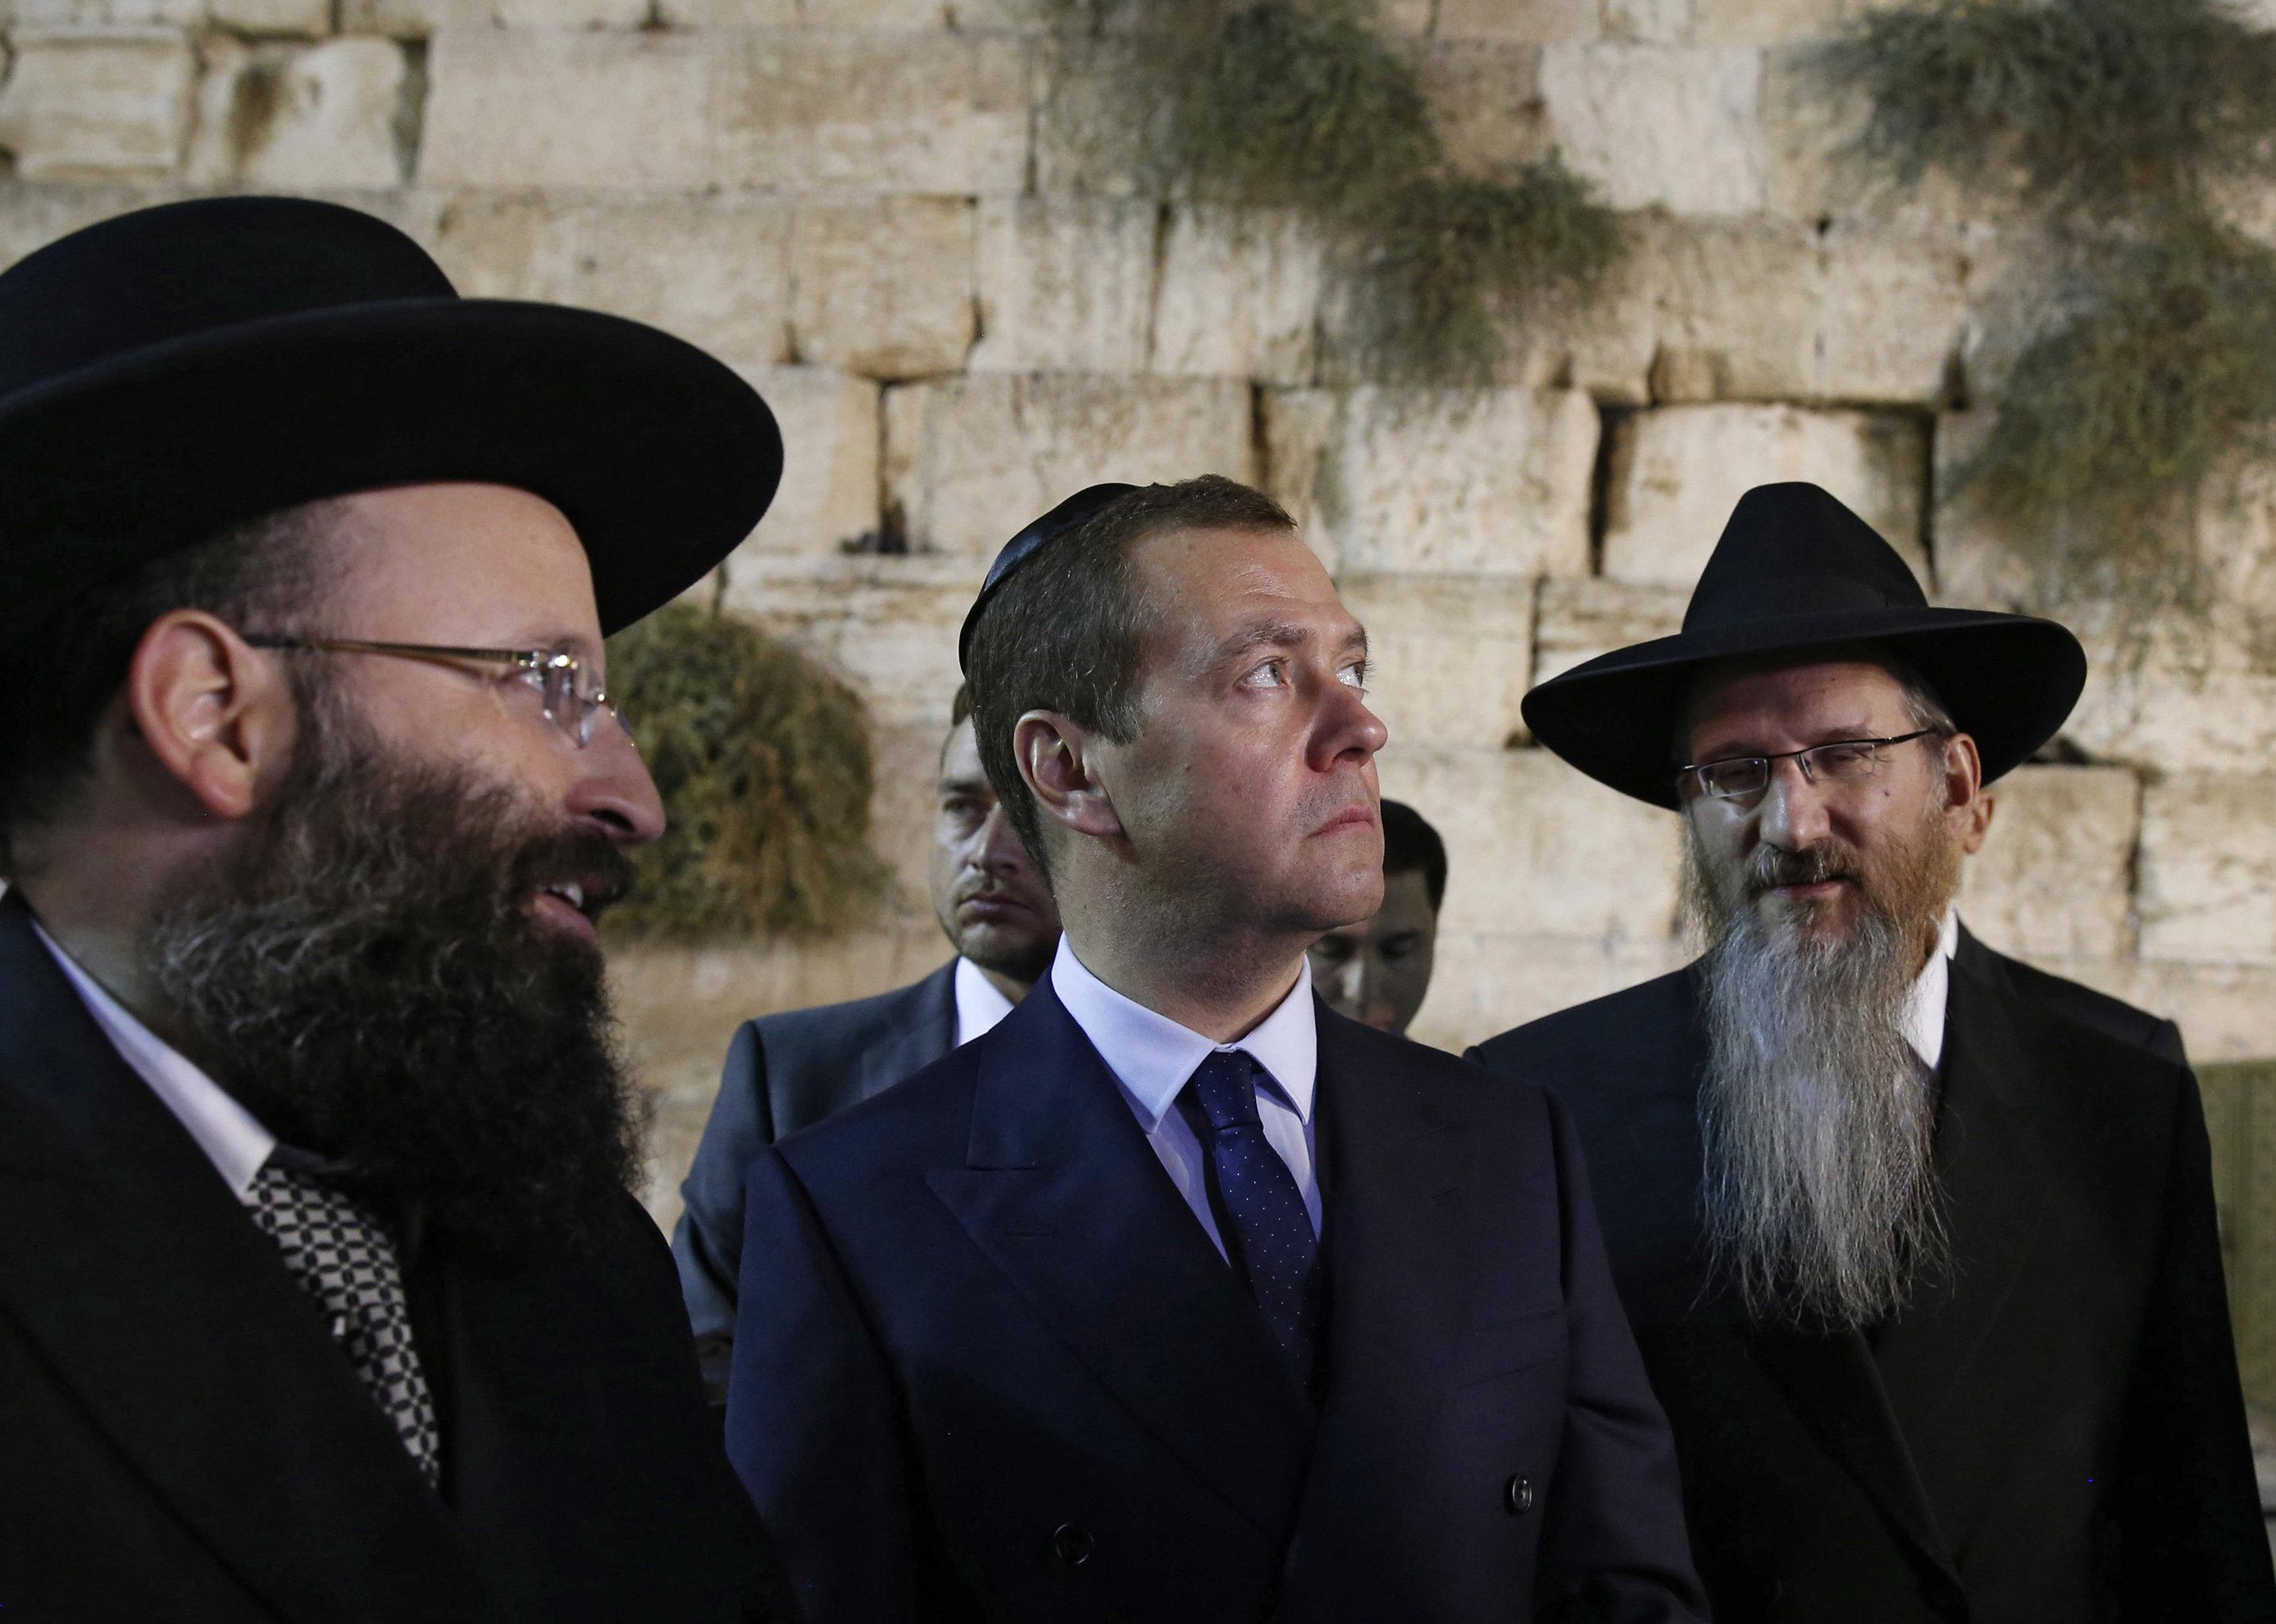 Председатель правительства РФ Дмитрий Медведев и главный раввин России Берл Лазар (справа) во время посещения Стены Плача в Иерусалиме